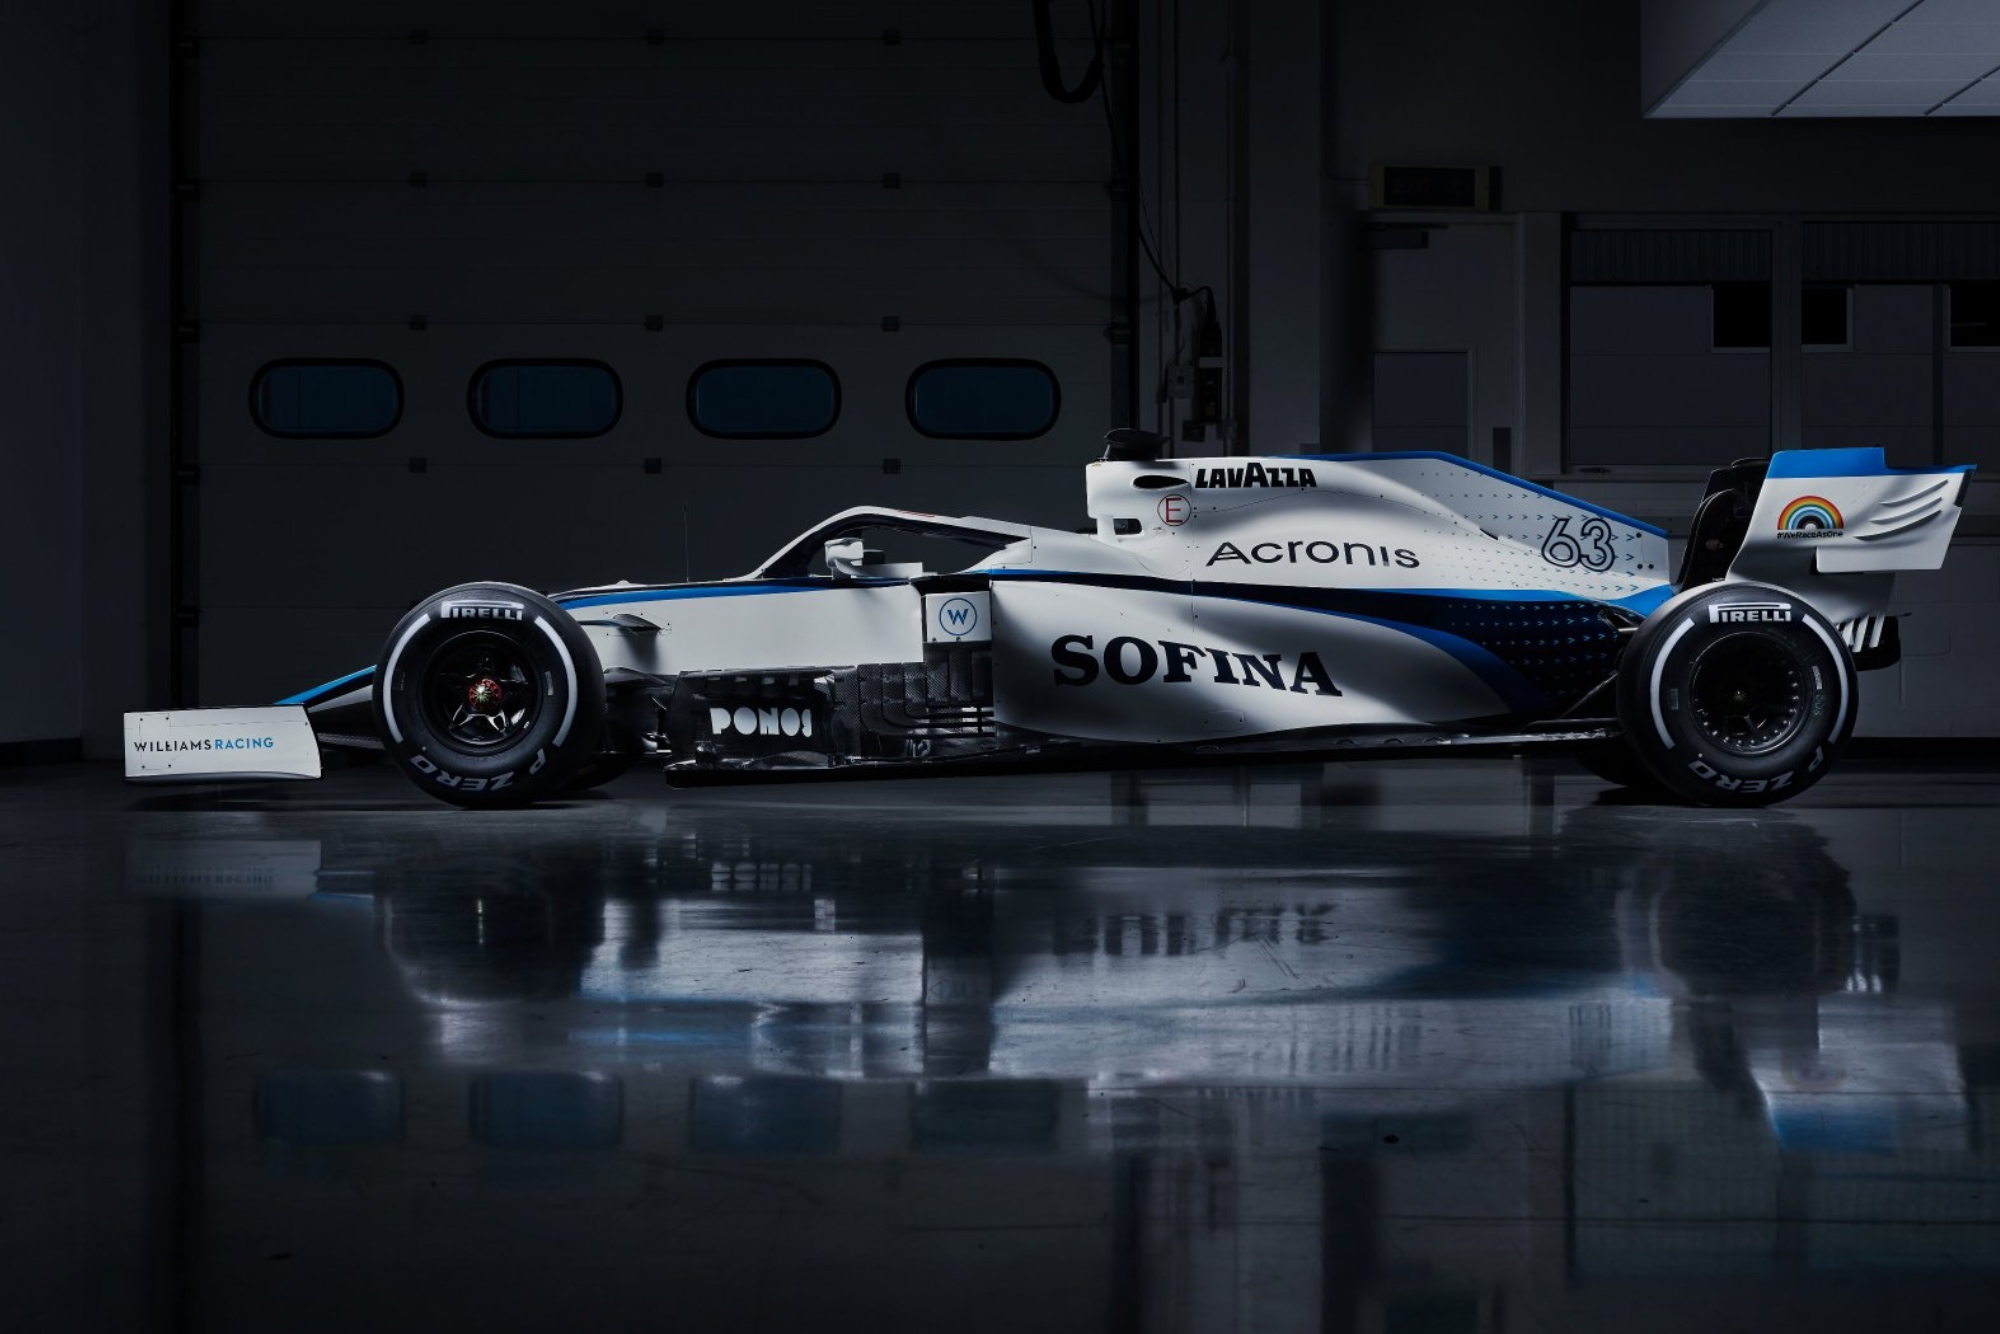 Williams FW43